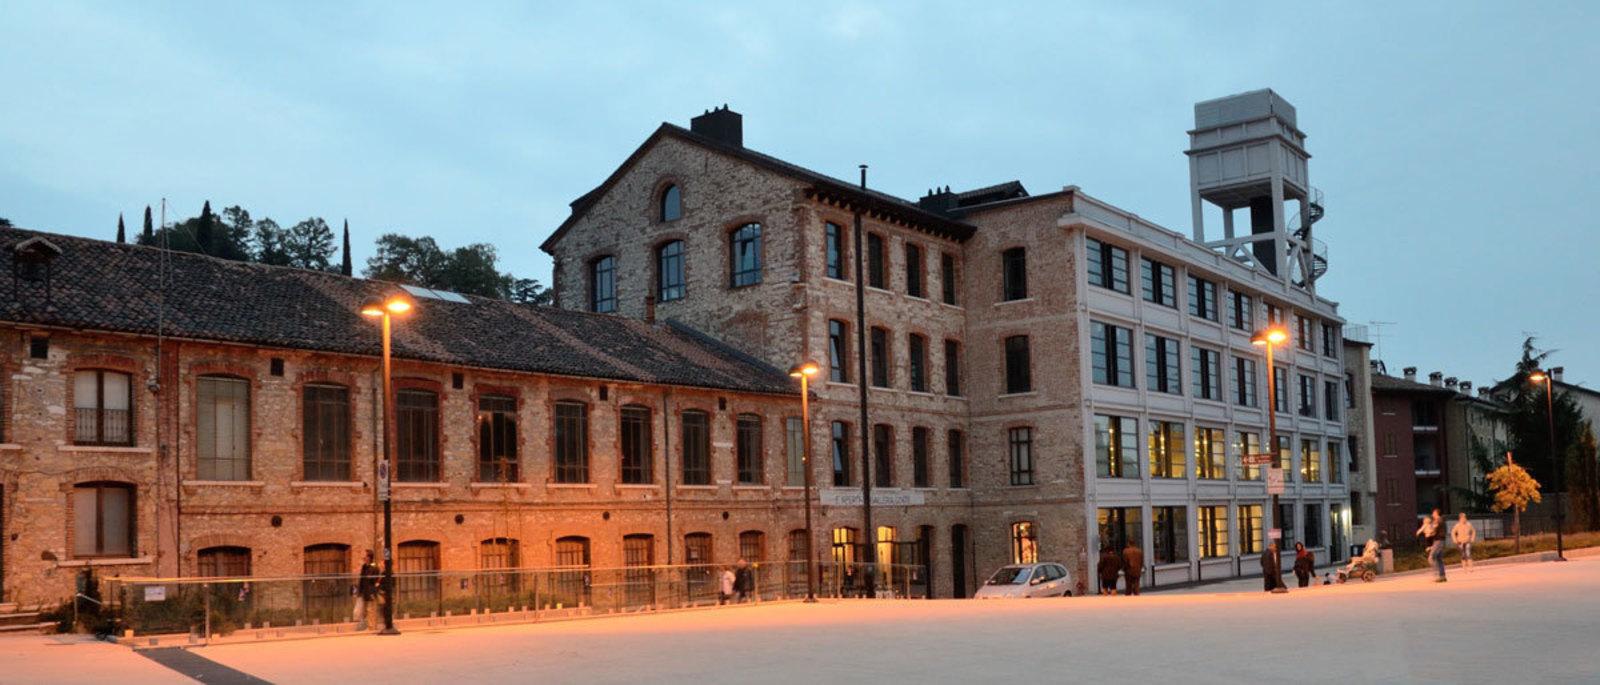 Facade of the Lanificio count taken in the evening